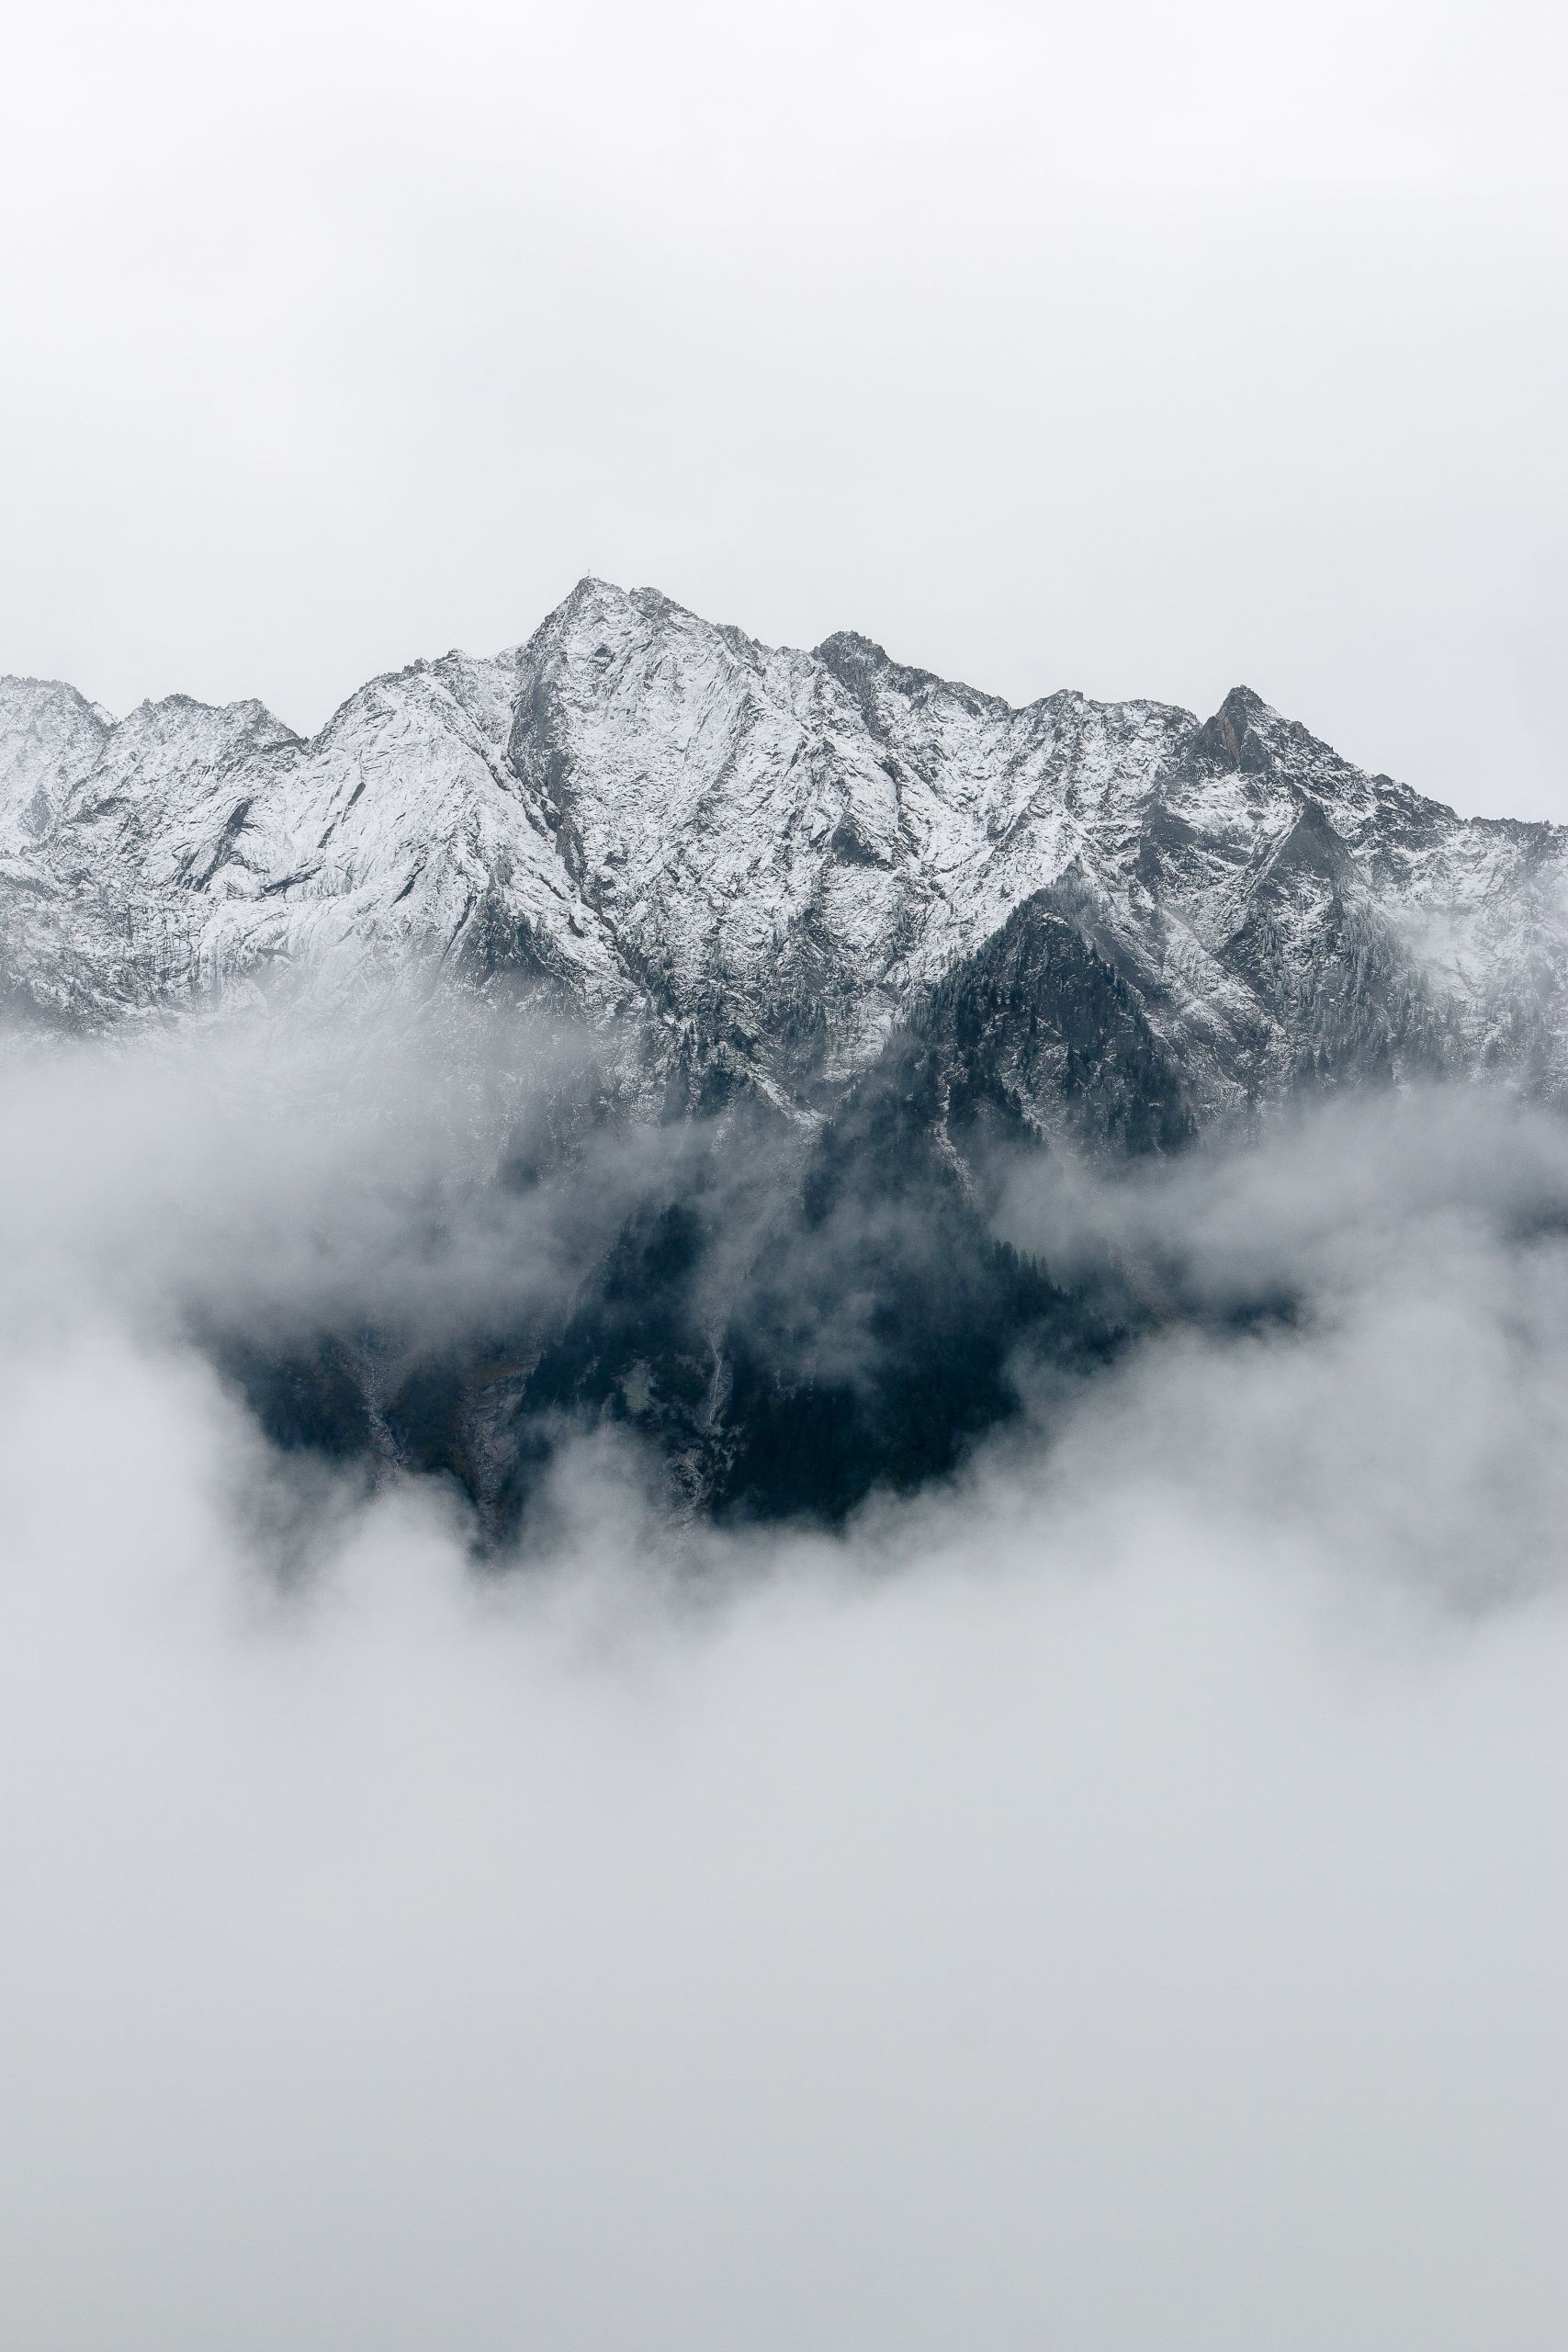 Wolken mit Bergen, unsplash